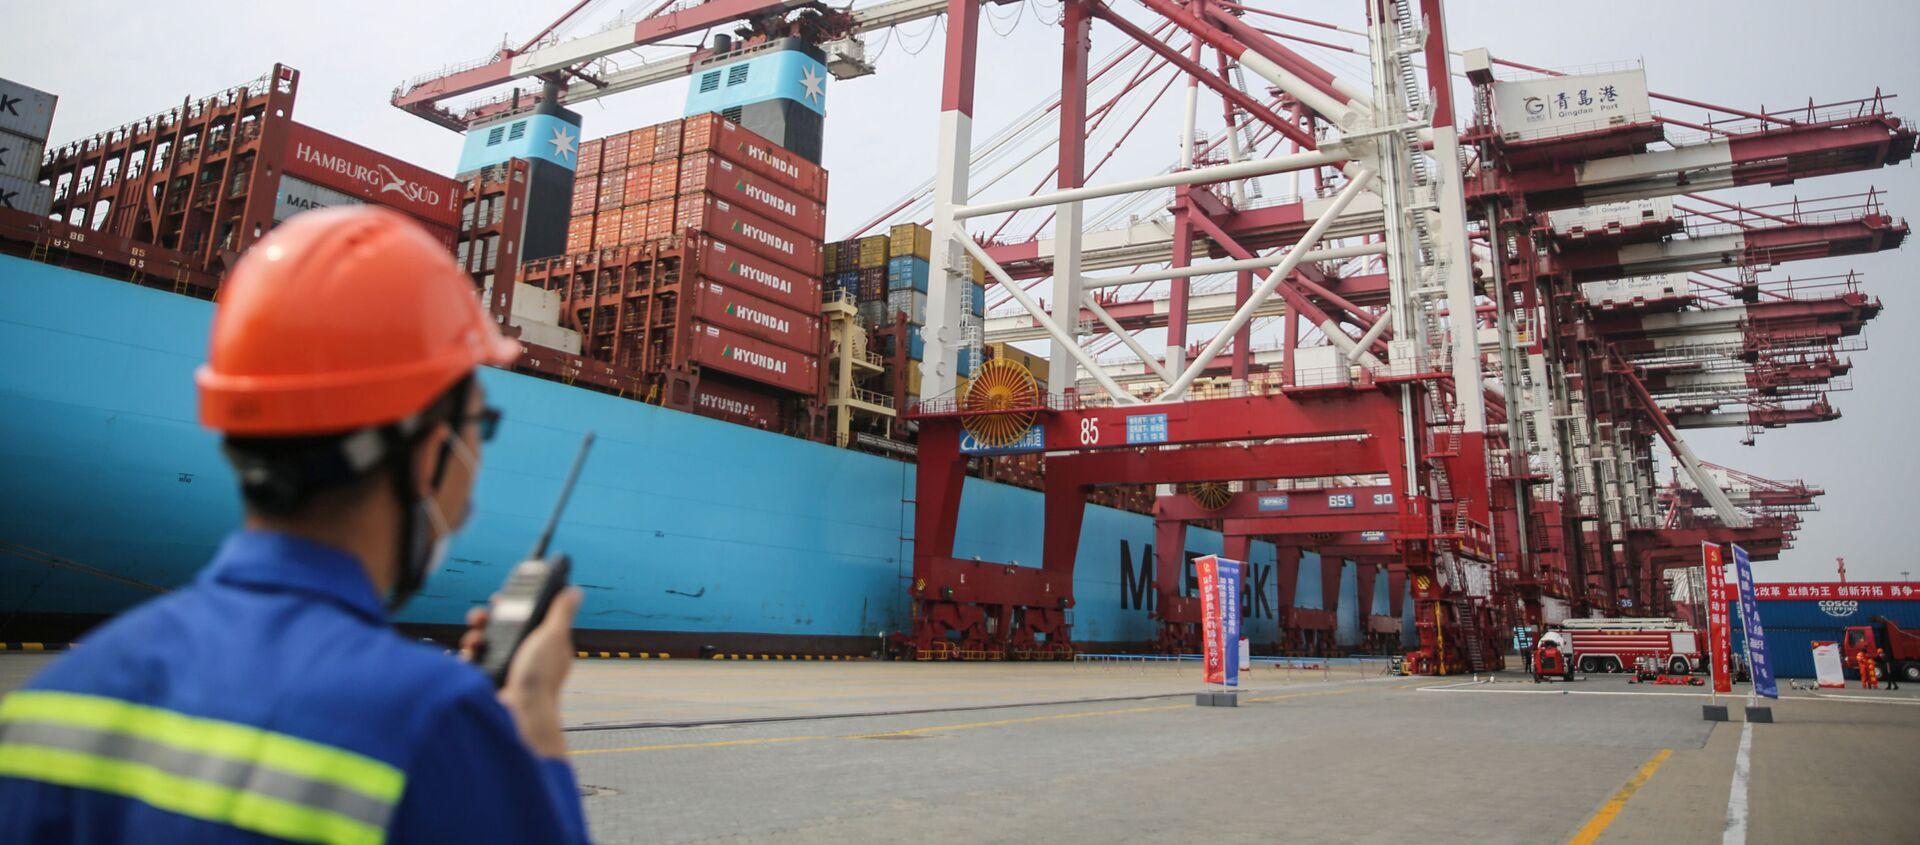 Porto commerciale a Tsingtao, in Cina - Sputnik Italia, 1920, 13.09.2020